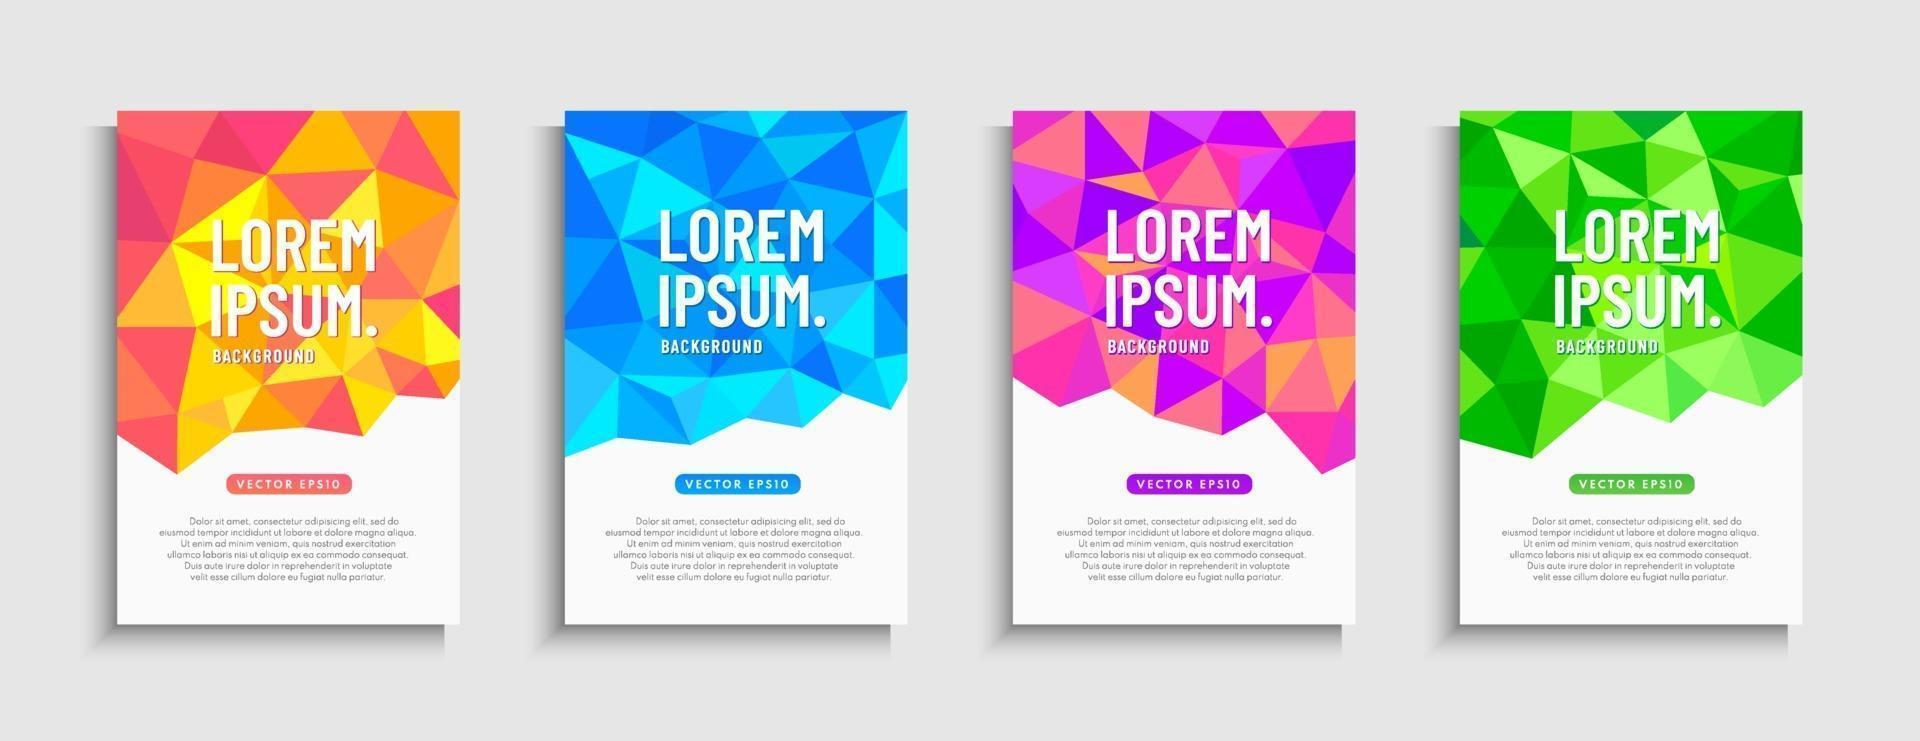 abstrakt dynamisk modern låg polygon mobil försäljning banner uppsättning. försäljning banner trendig gradient mall design, geometrisk super försäljning specialerbjudande samling. vektor illustration